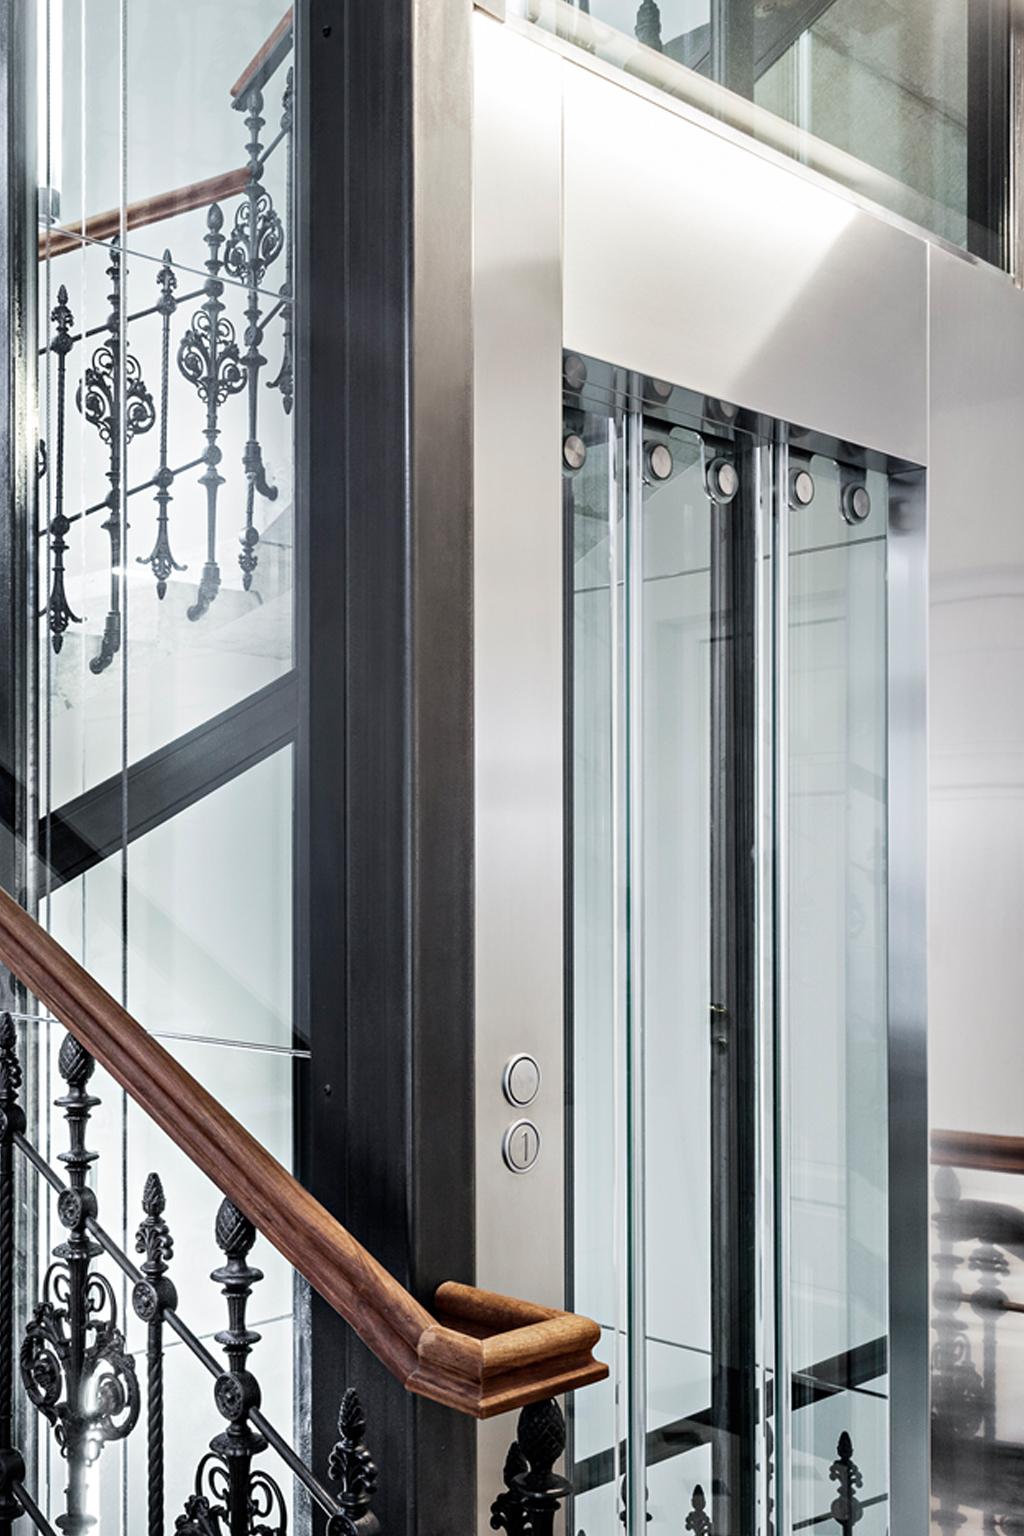 LIFT IN EXISTING BUILDING Door detail